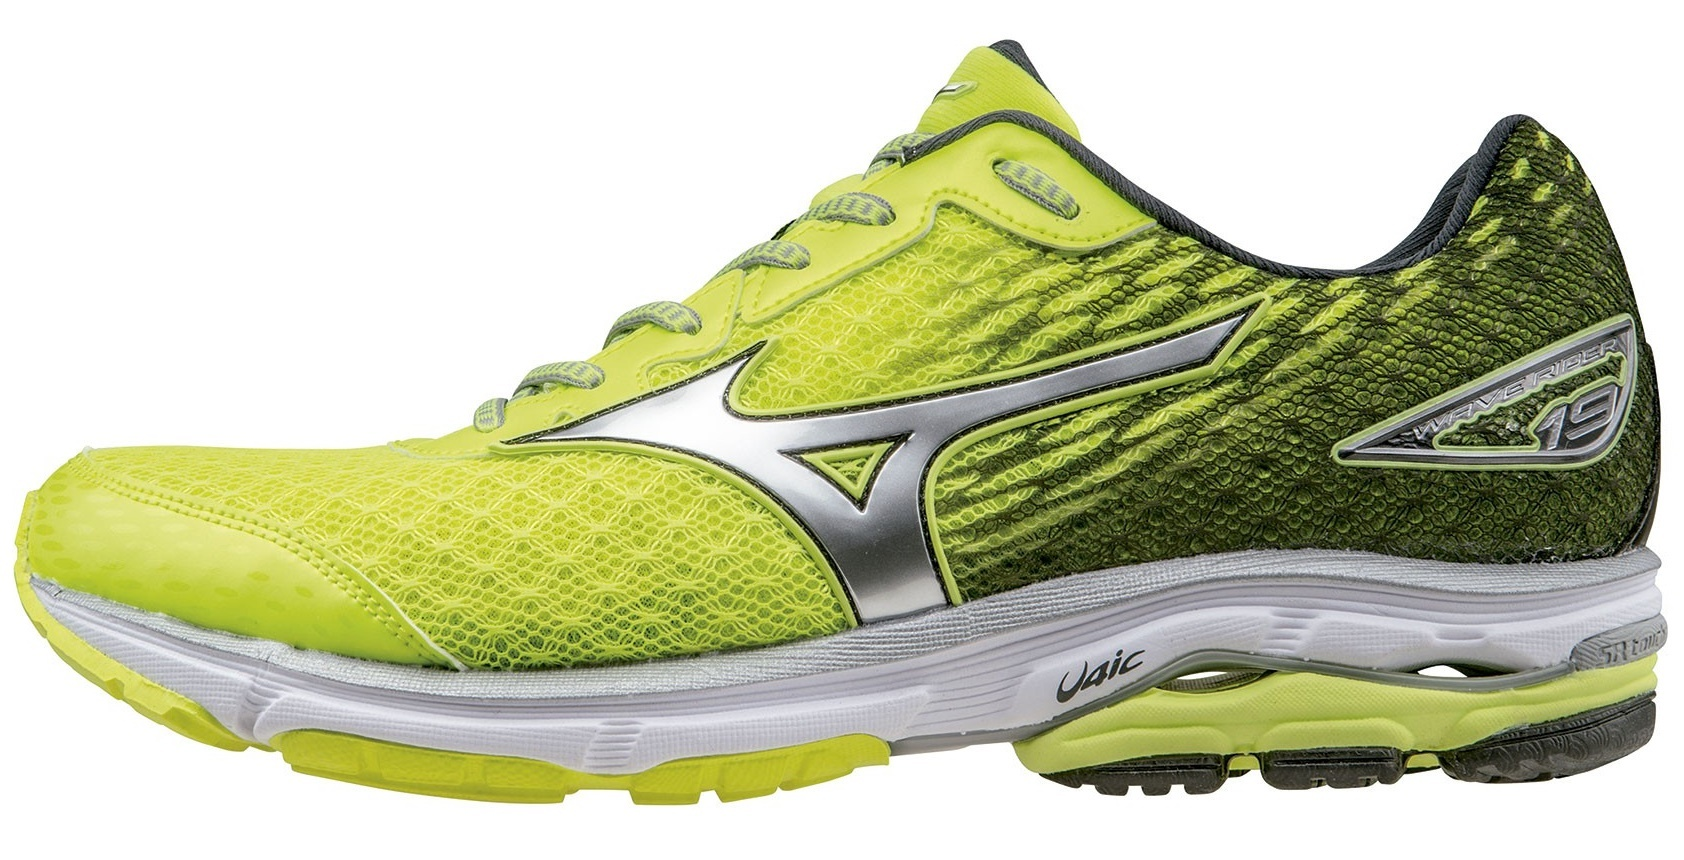 Профессиональные беговые кроссовки для мужчин Mizuno Wave Rider 19 (Мизуно райдер) желтые